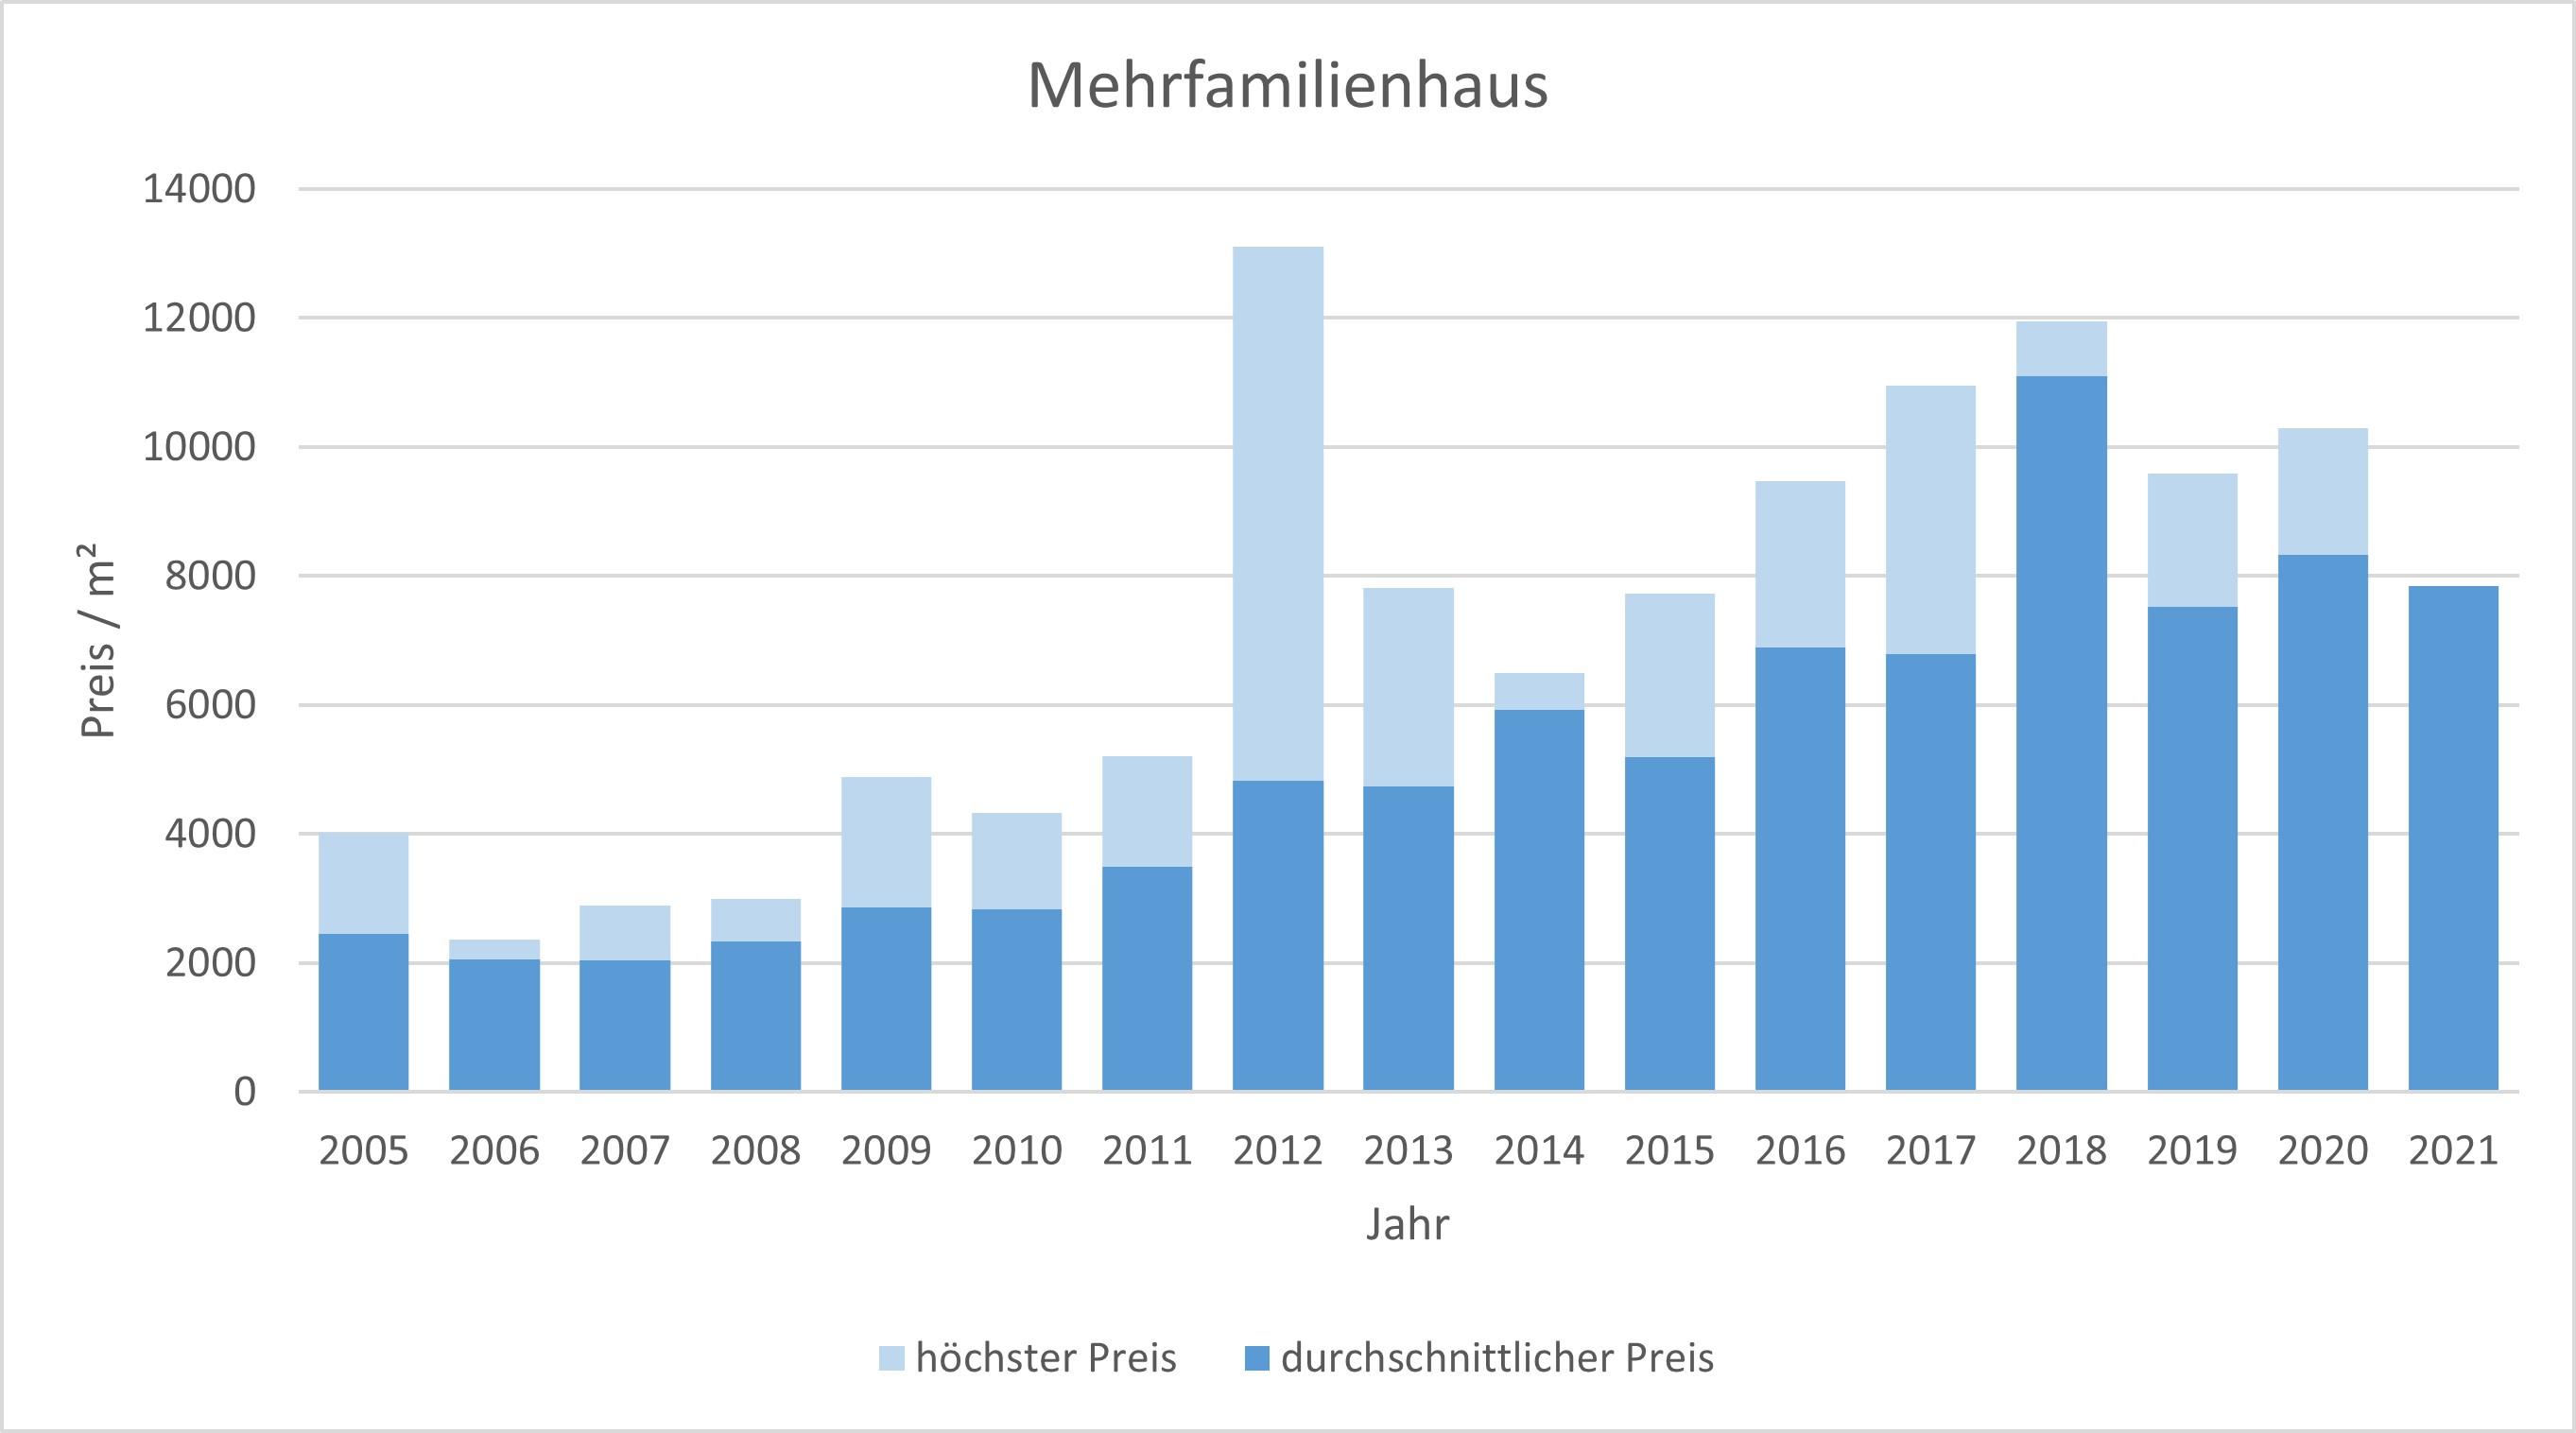 München - Laim Mehrfamilienhaus kaufen verkaufen Preis Bewertung Makler 2019 2020 2021 www.happy-immo.de